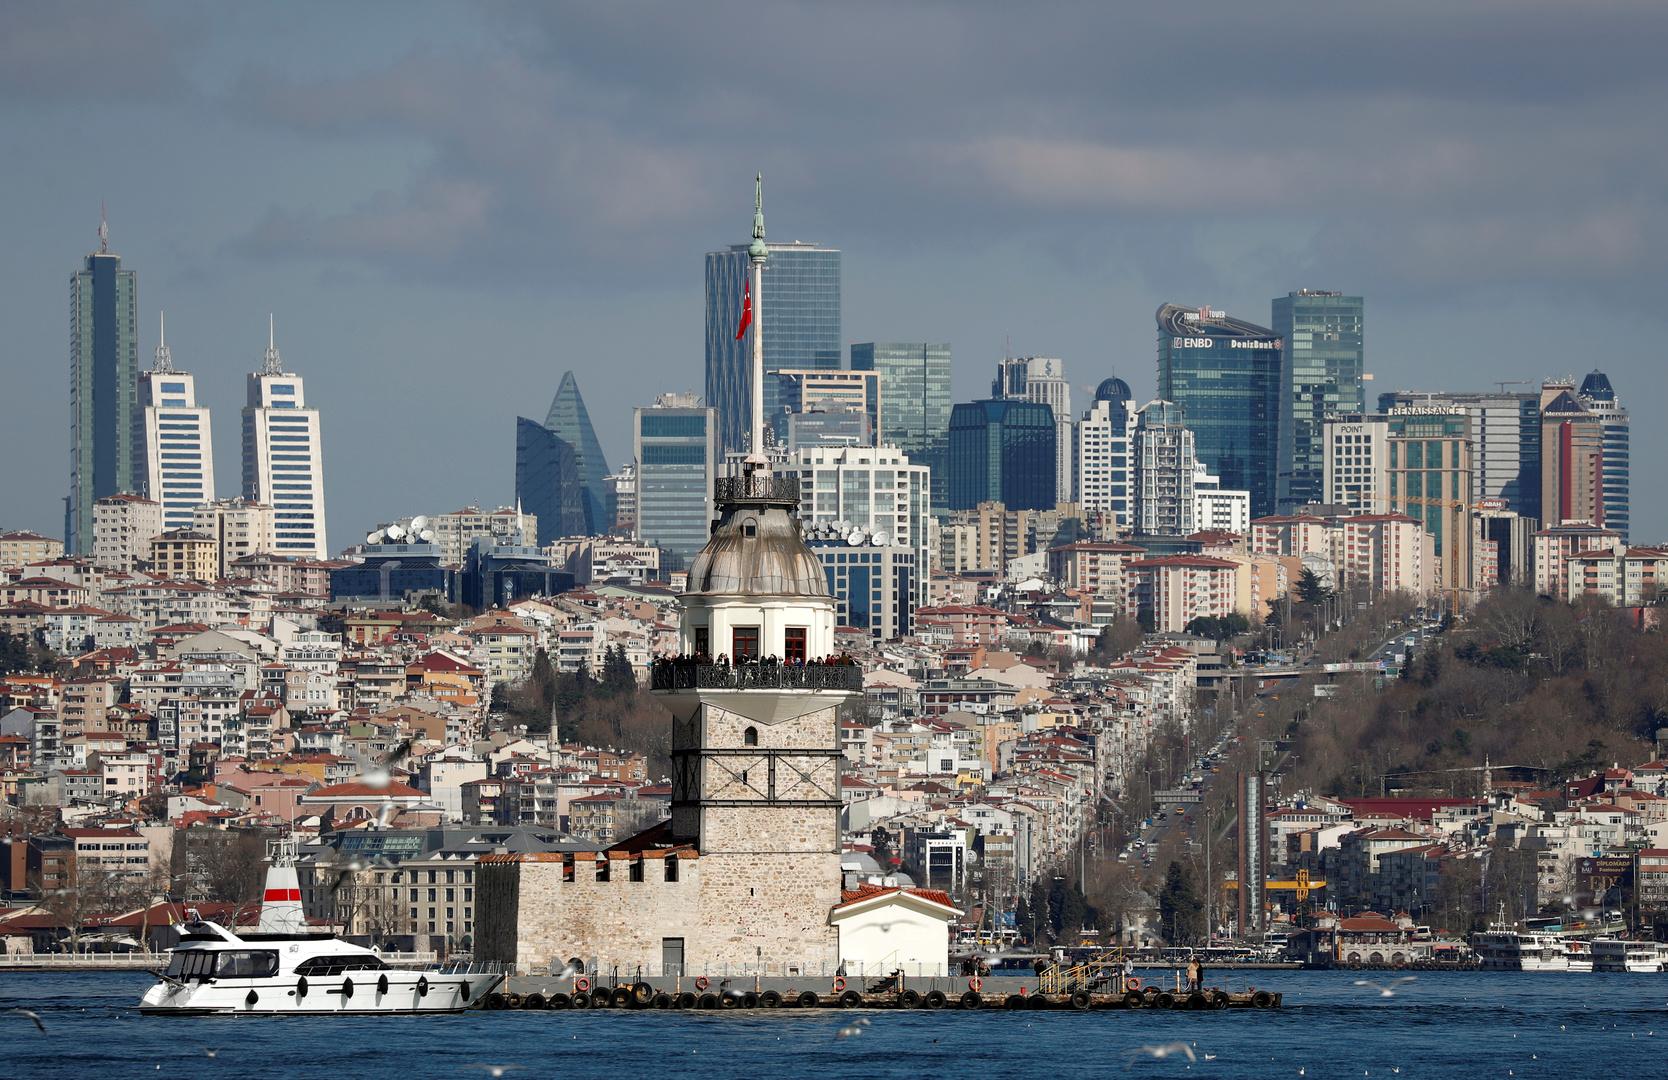 تركيا تسجل أكبر ارتفاع يومي لحصيلة إصابات كورونا بـ3135 حالة جديدة